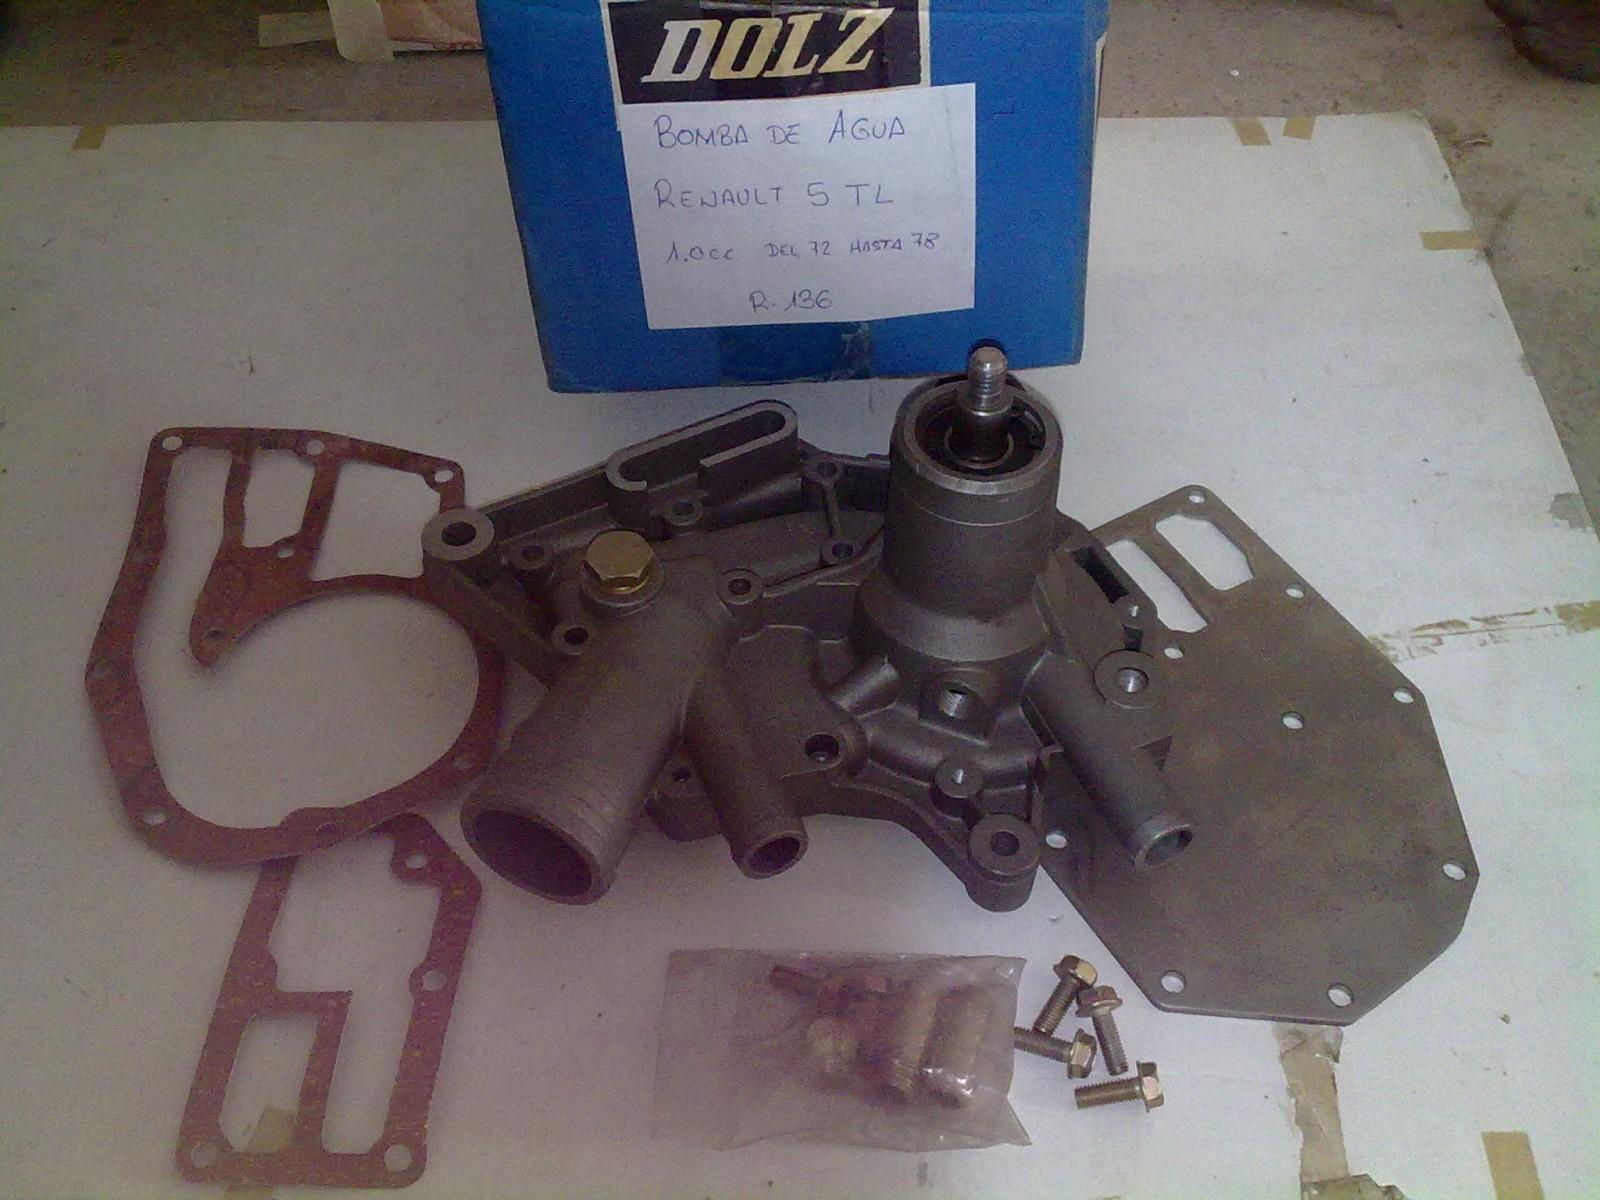 Bomba de agua Renault 5 tl